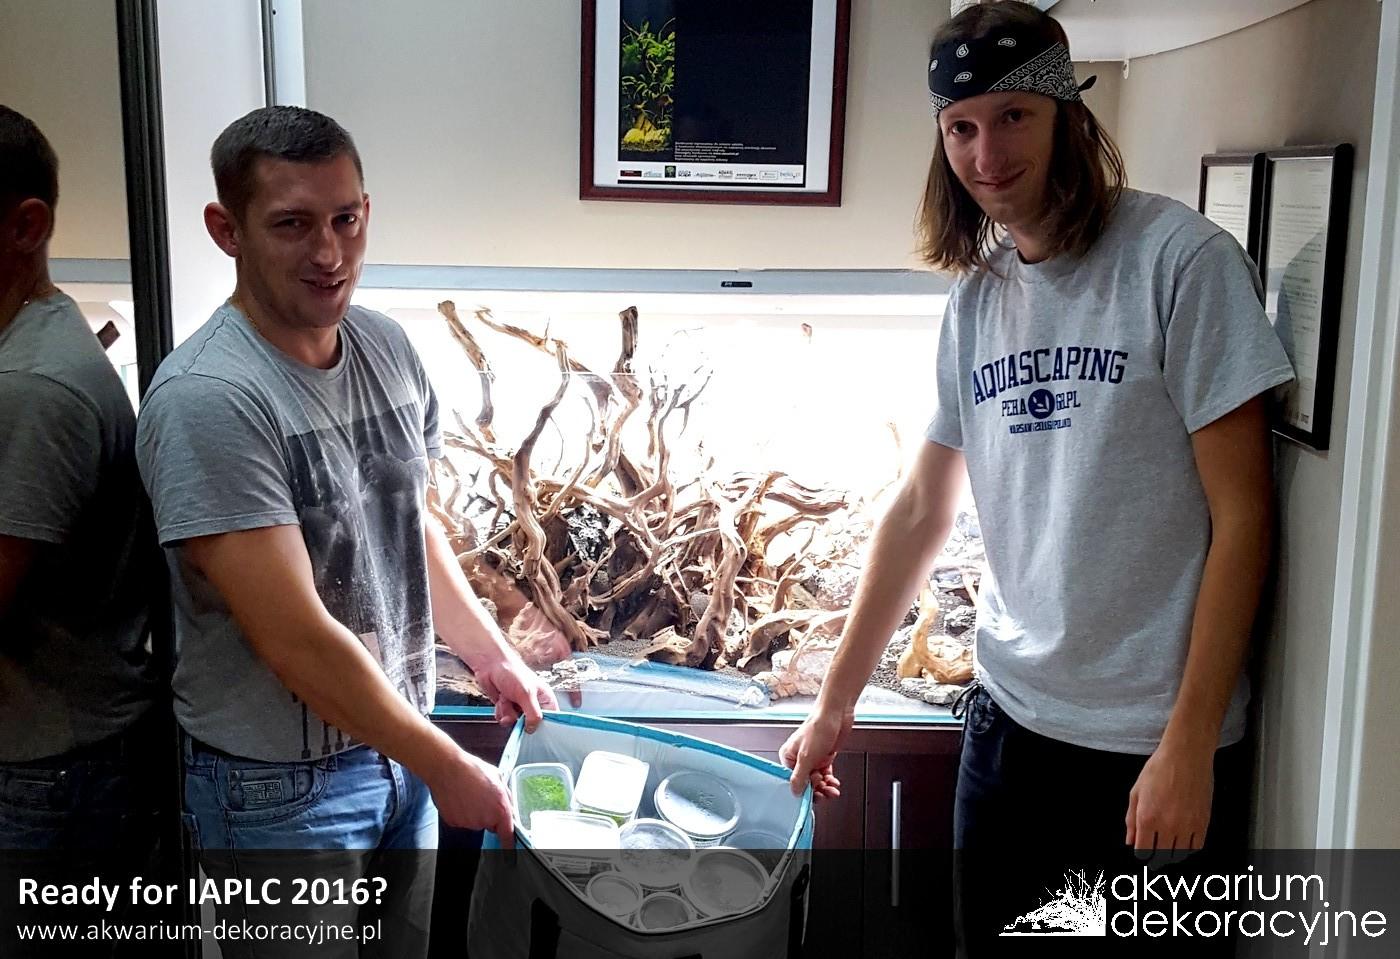 Akwarium dekoracyjne zakładanie akwarium zakładanie akwariów warszawa polska akwarium naturalne nature aquarium aquascape IAPLC 2016 in vitro laboratorium 313